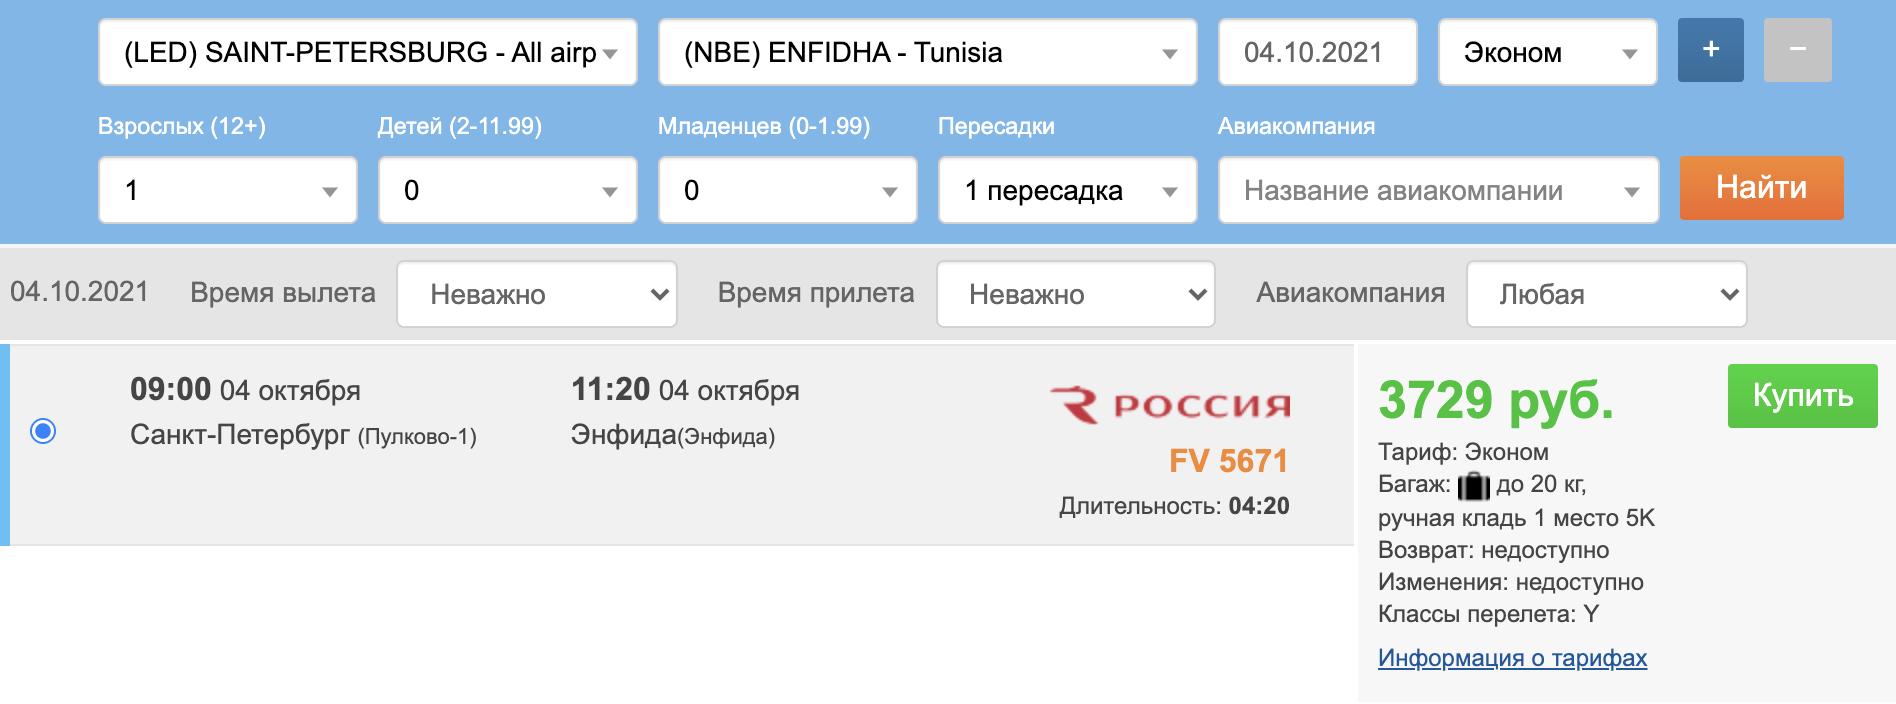 Для самостоятельных: чартеры из СПб и МСК в Тунис от 3700₽ в одну сторону, от 10200₽ туда-обратно